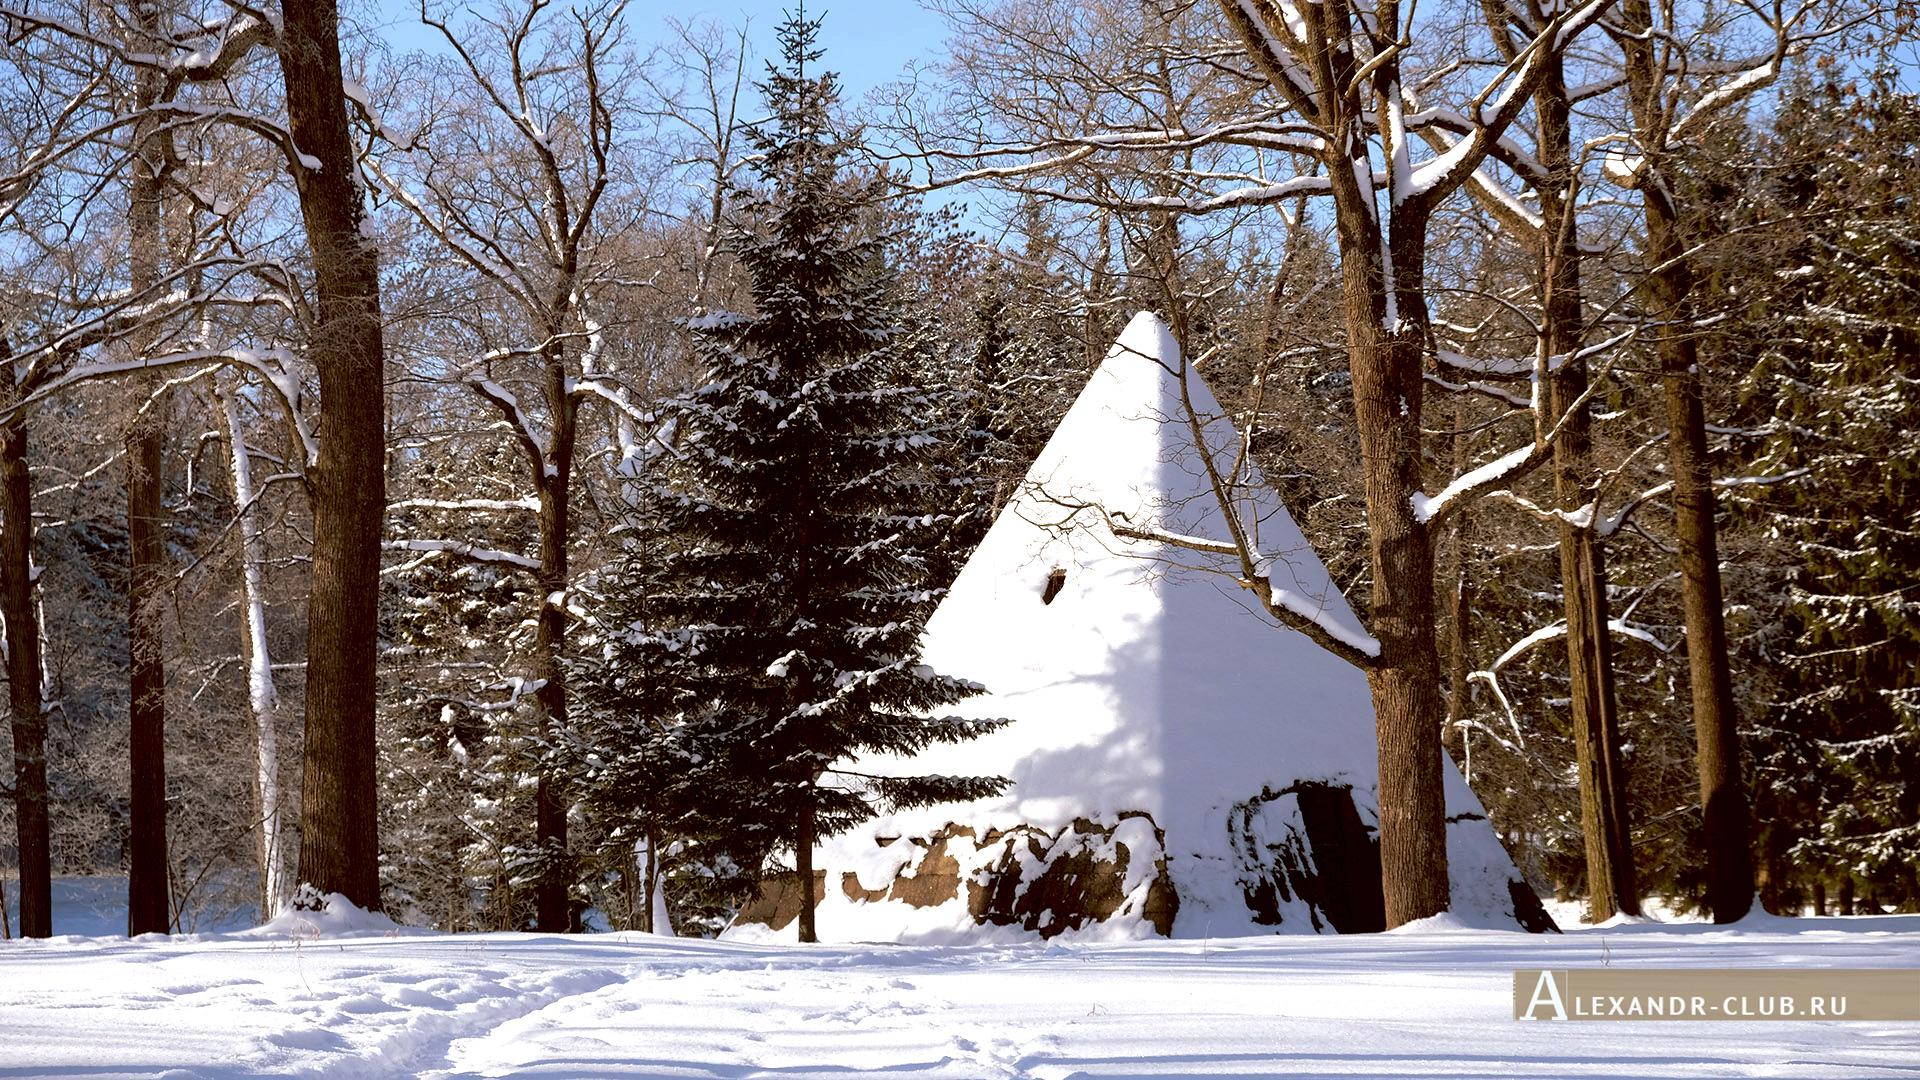 Царское Село, зима, Екатерининский парк, Пирамида